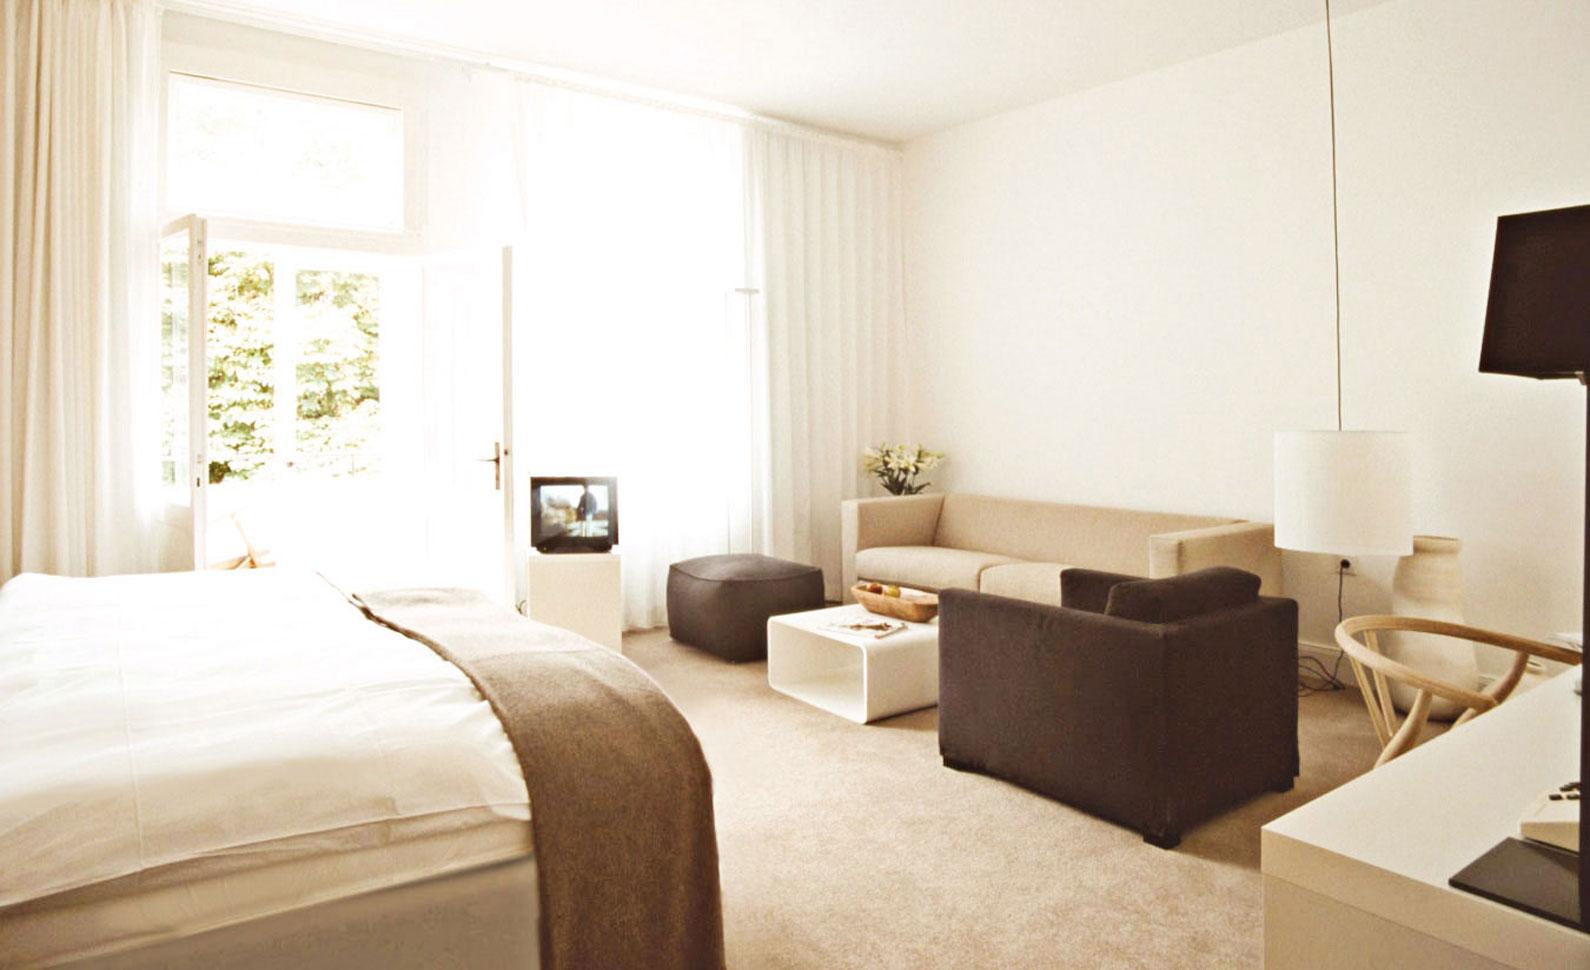 zimmer vi hotel haus norderney. Black Bedroom Furniture Sets. Home Design Ideas